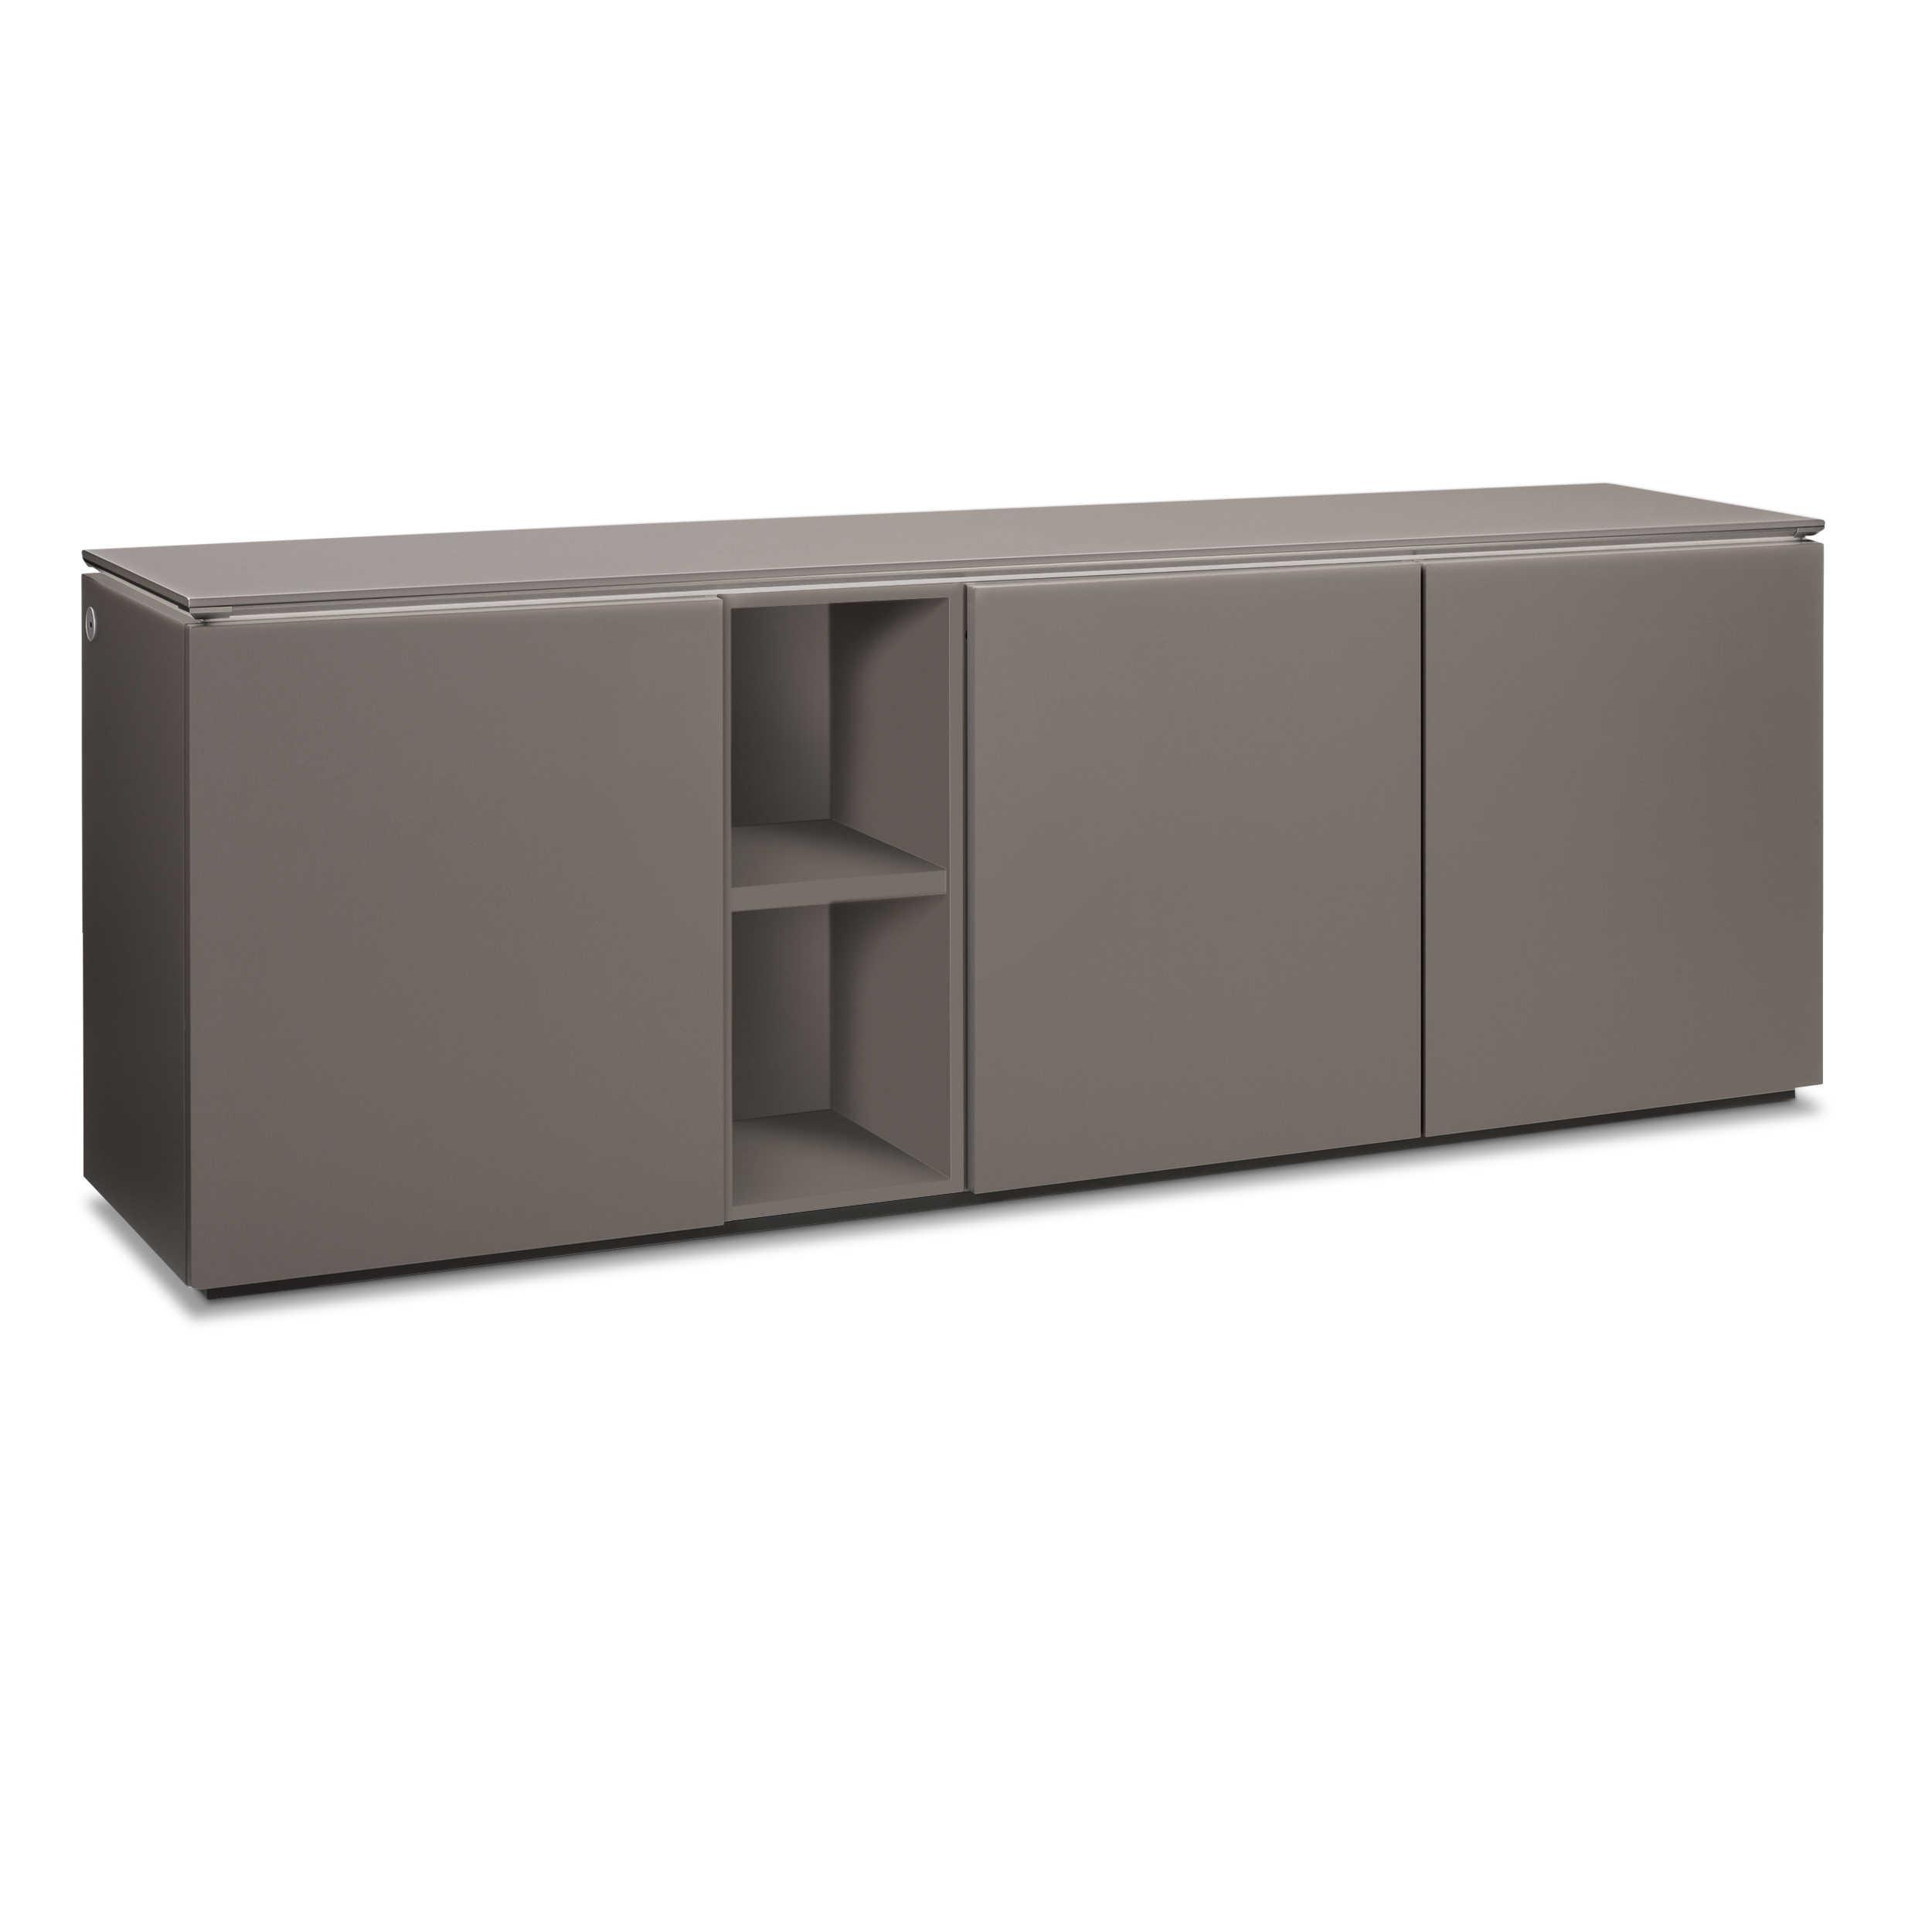 gallery m sideboard merano 3951 braun holz online kaufen bei woonio. Black Bedroom Furniture Sets. Home Design Ideas